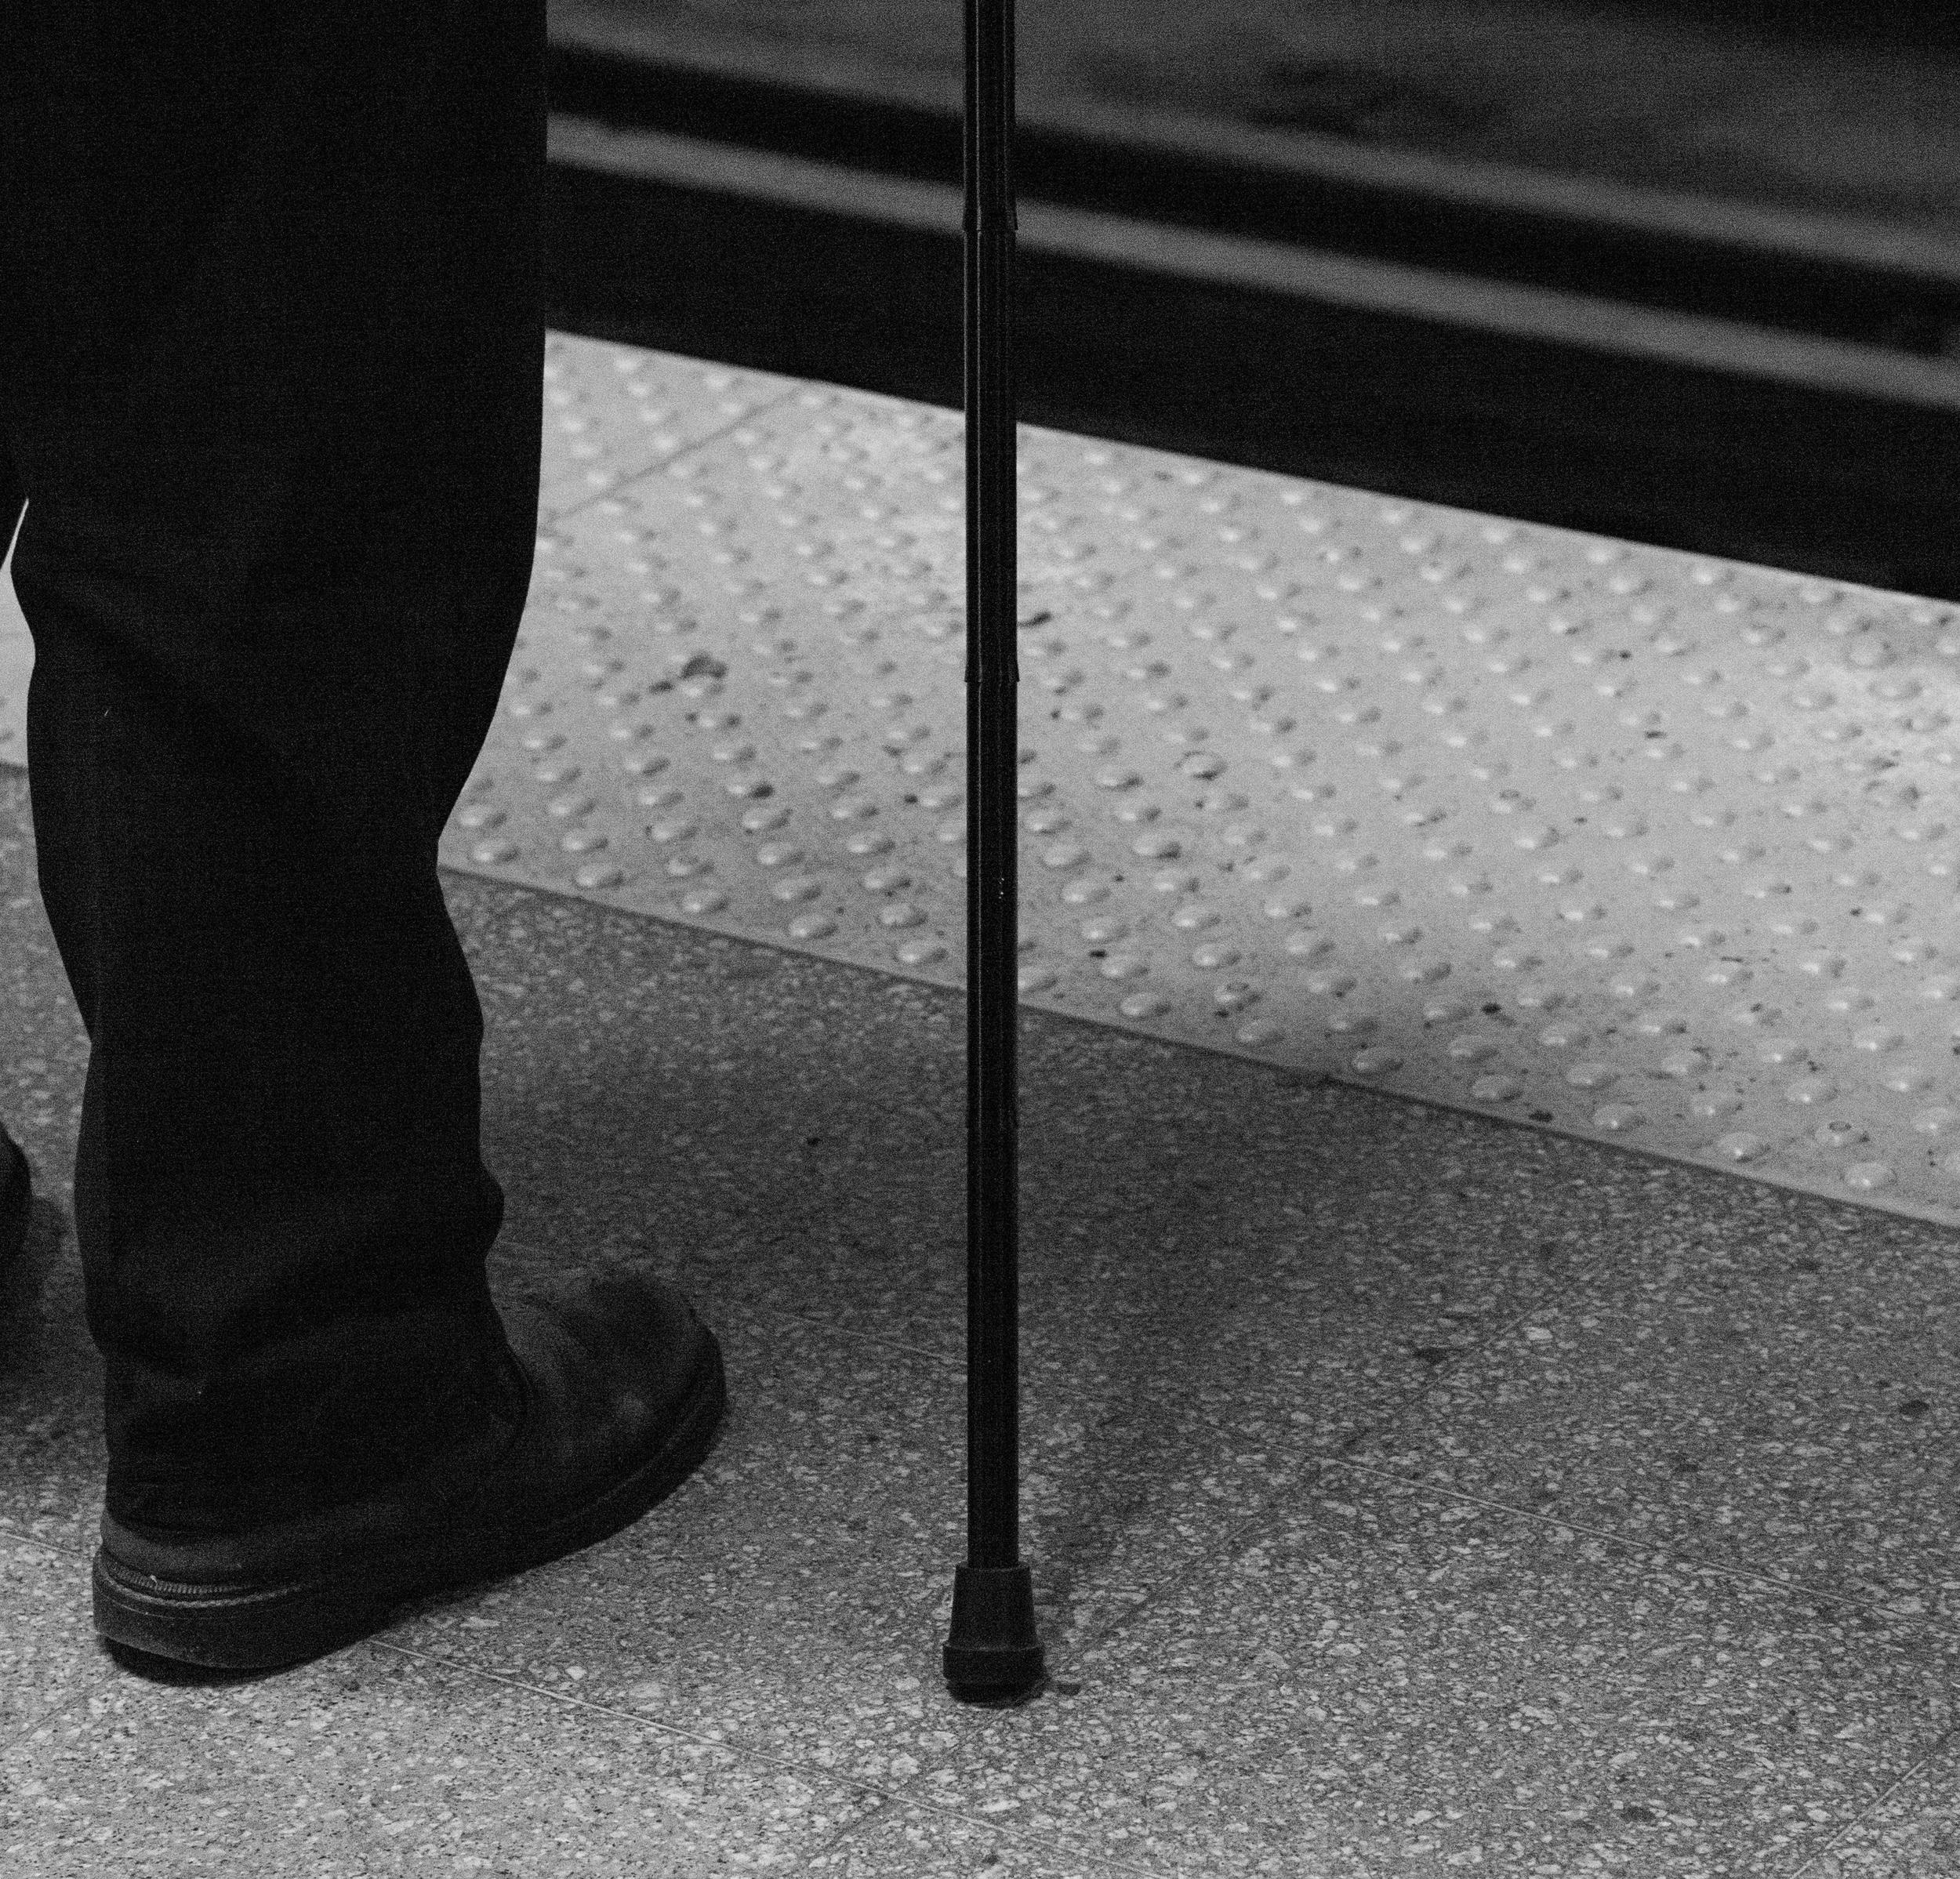 Miedo a las caídas o síndrome de temor a caerse - Esto es un muy frecuente en las personas mayores, especialmente después de haber sufrido alguna caída real o tropiezo. Se sienten muy vulnerables y pueden demandar compañía las 24 horas del día, limitando sus salidas a la calle y empeorando globalmente su calidad de vida.